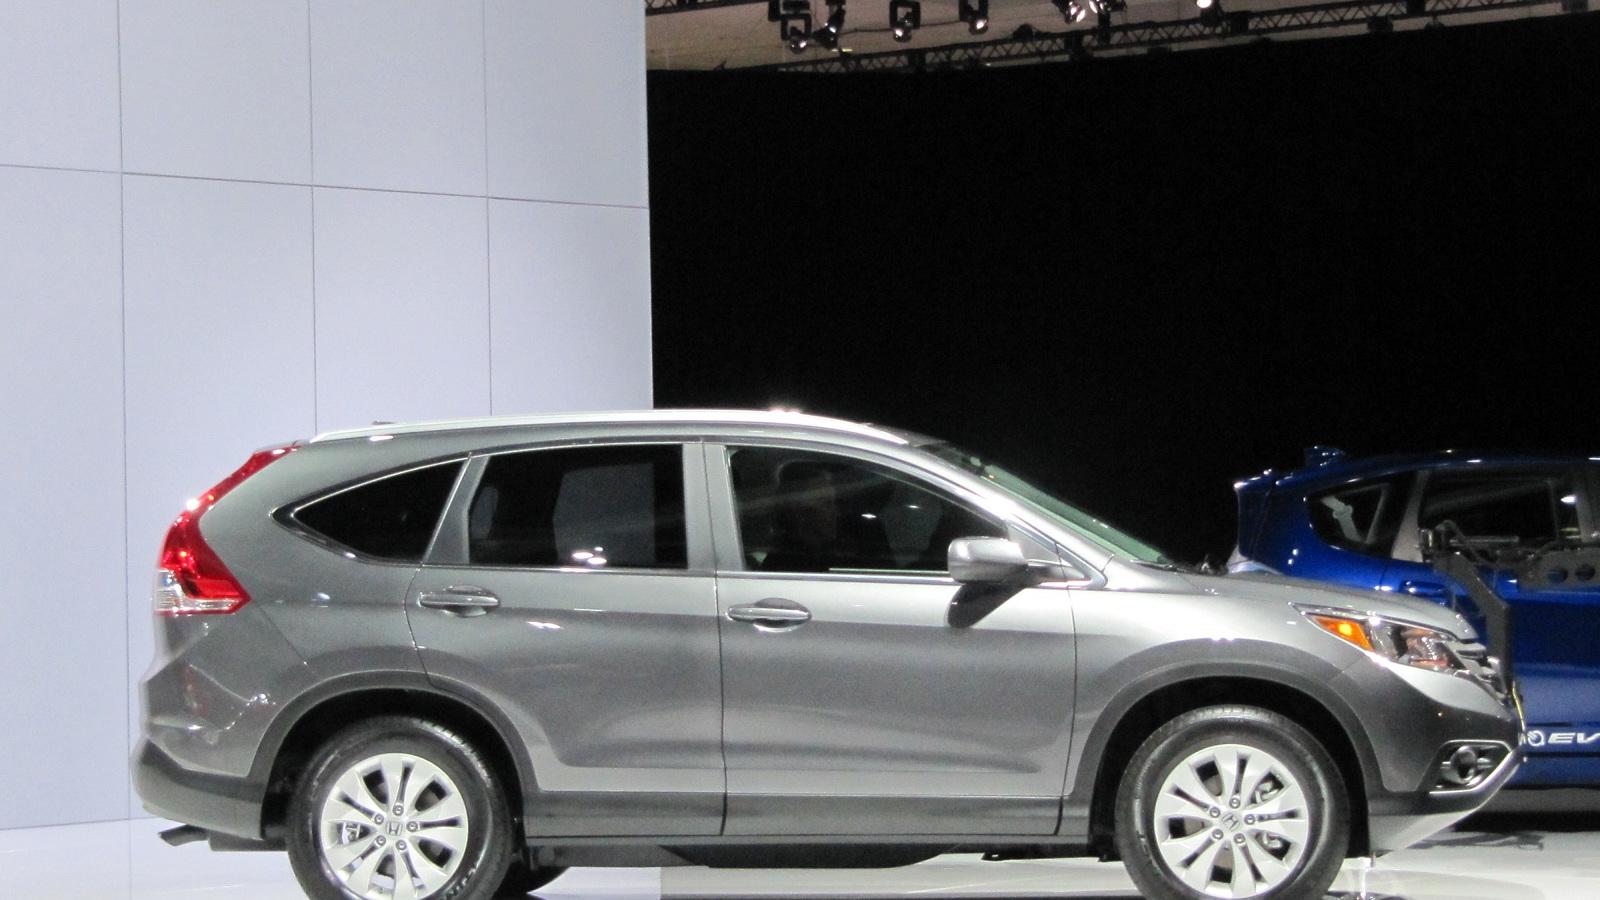 2012 Honda CR-V live reveal at Los Angeles Auto Show, Nov 2011